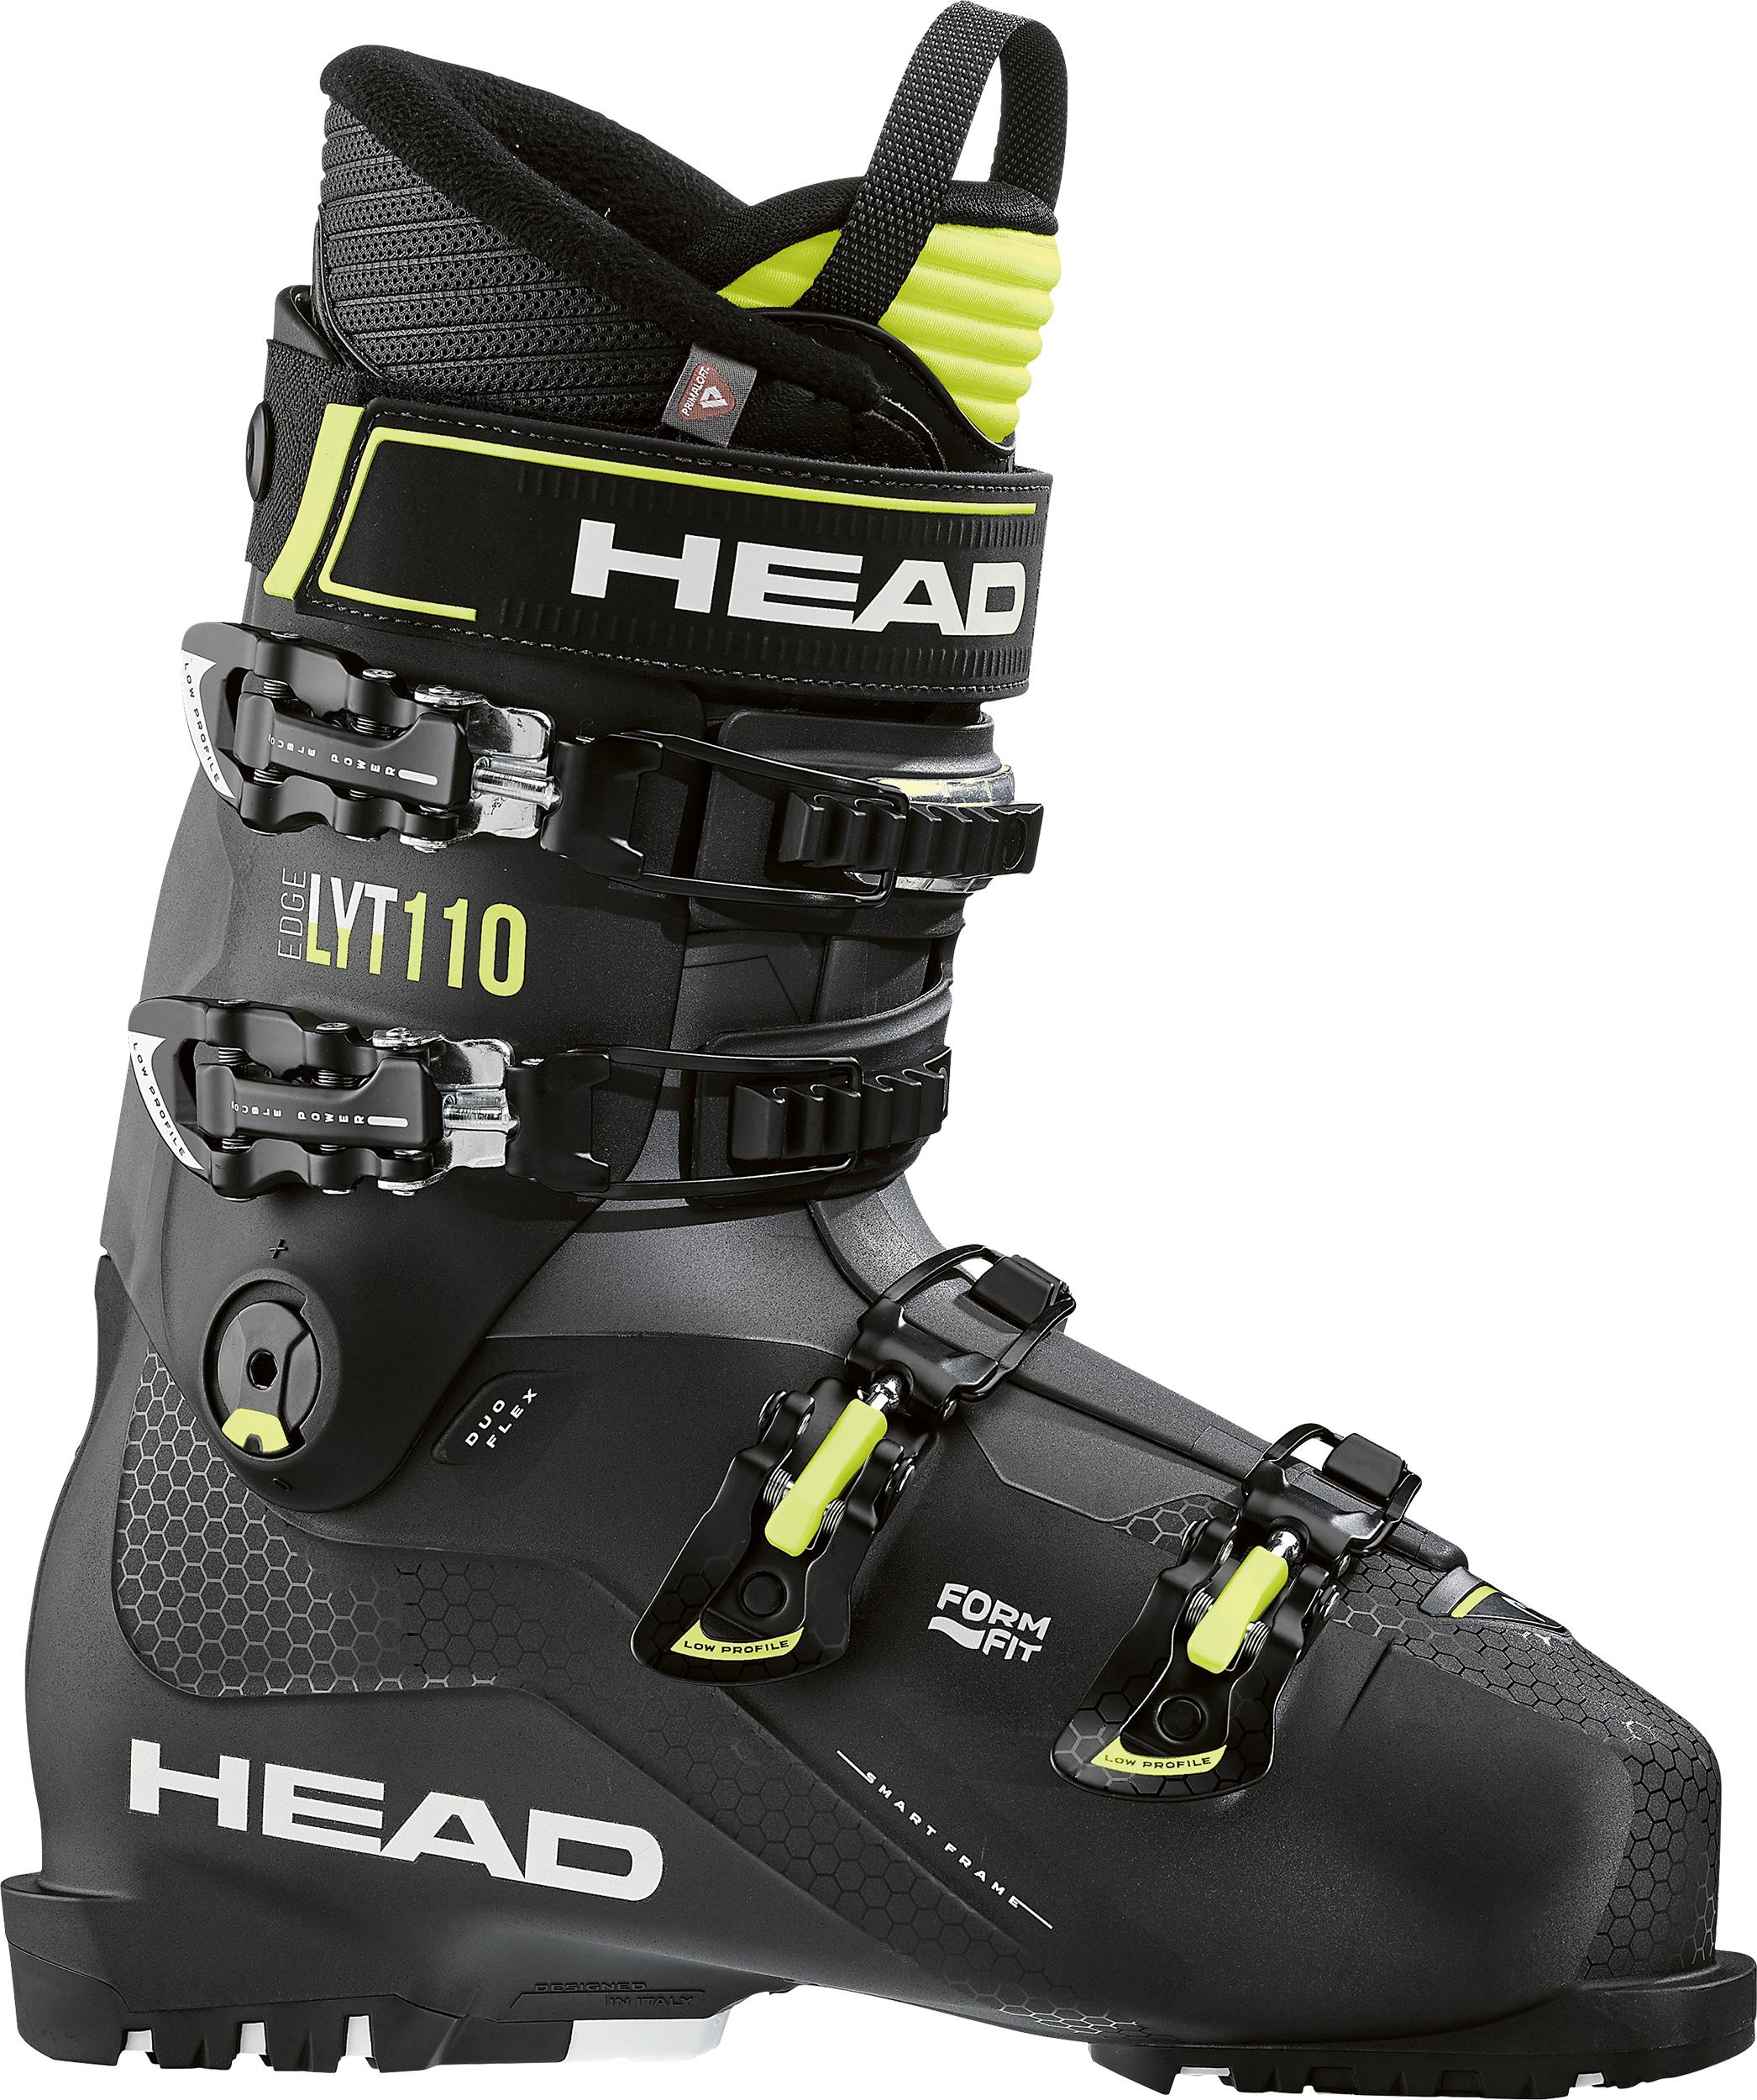 Homme Chaussures Salomon Ski Multicolor De Ski X Pro 100